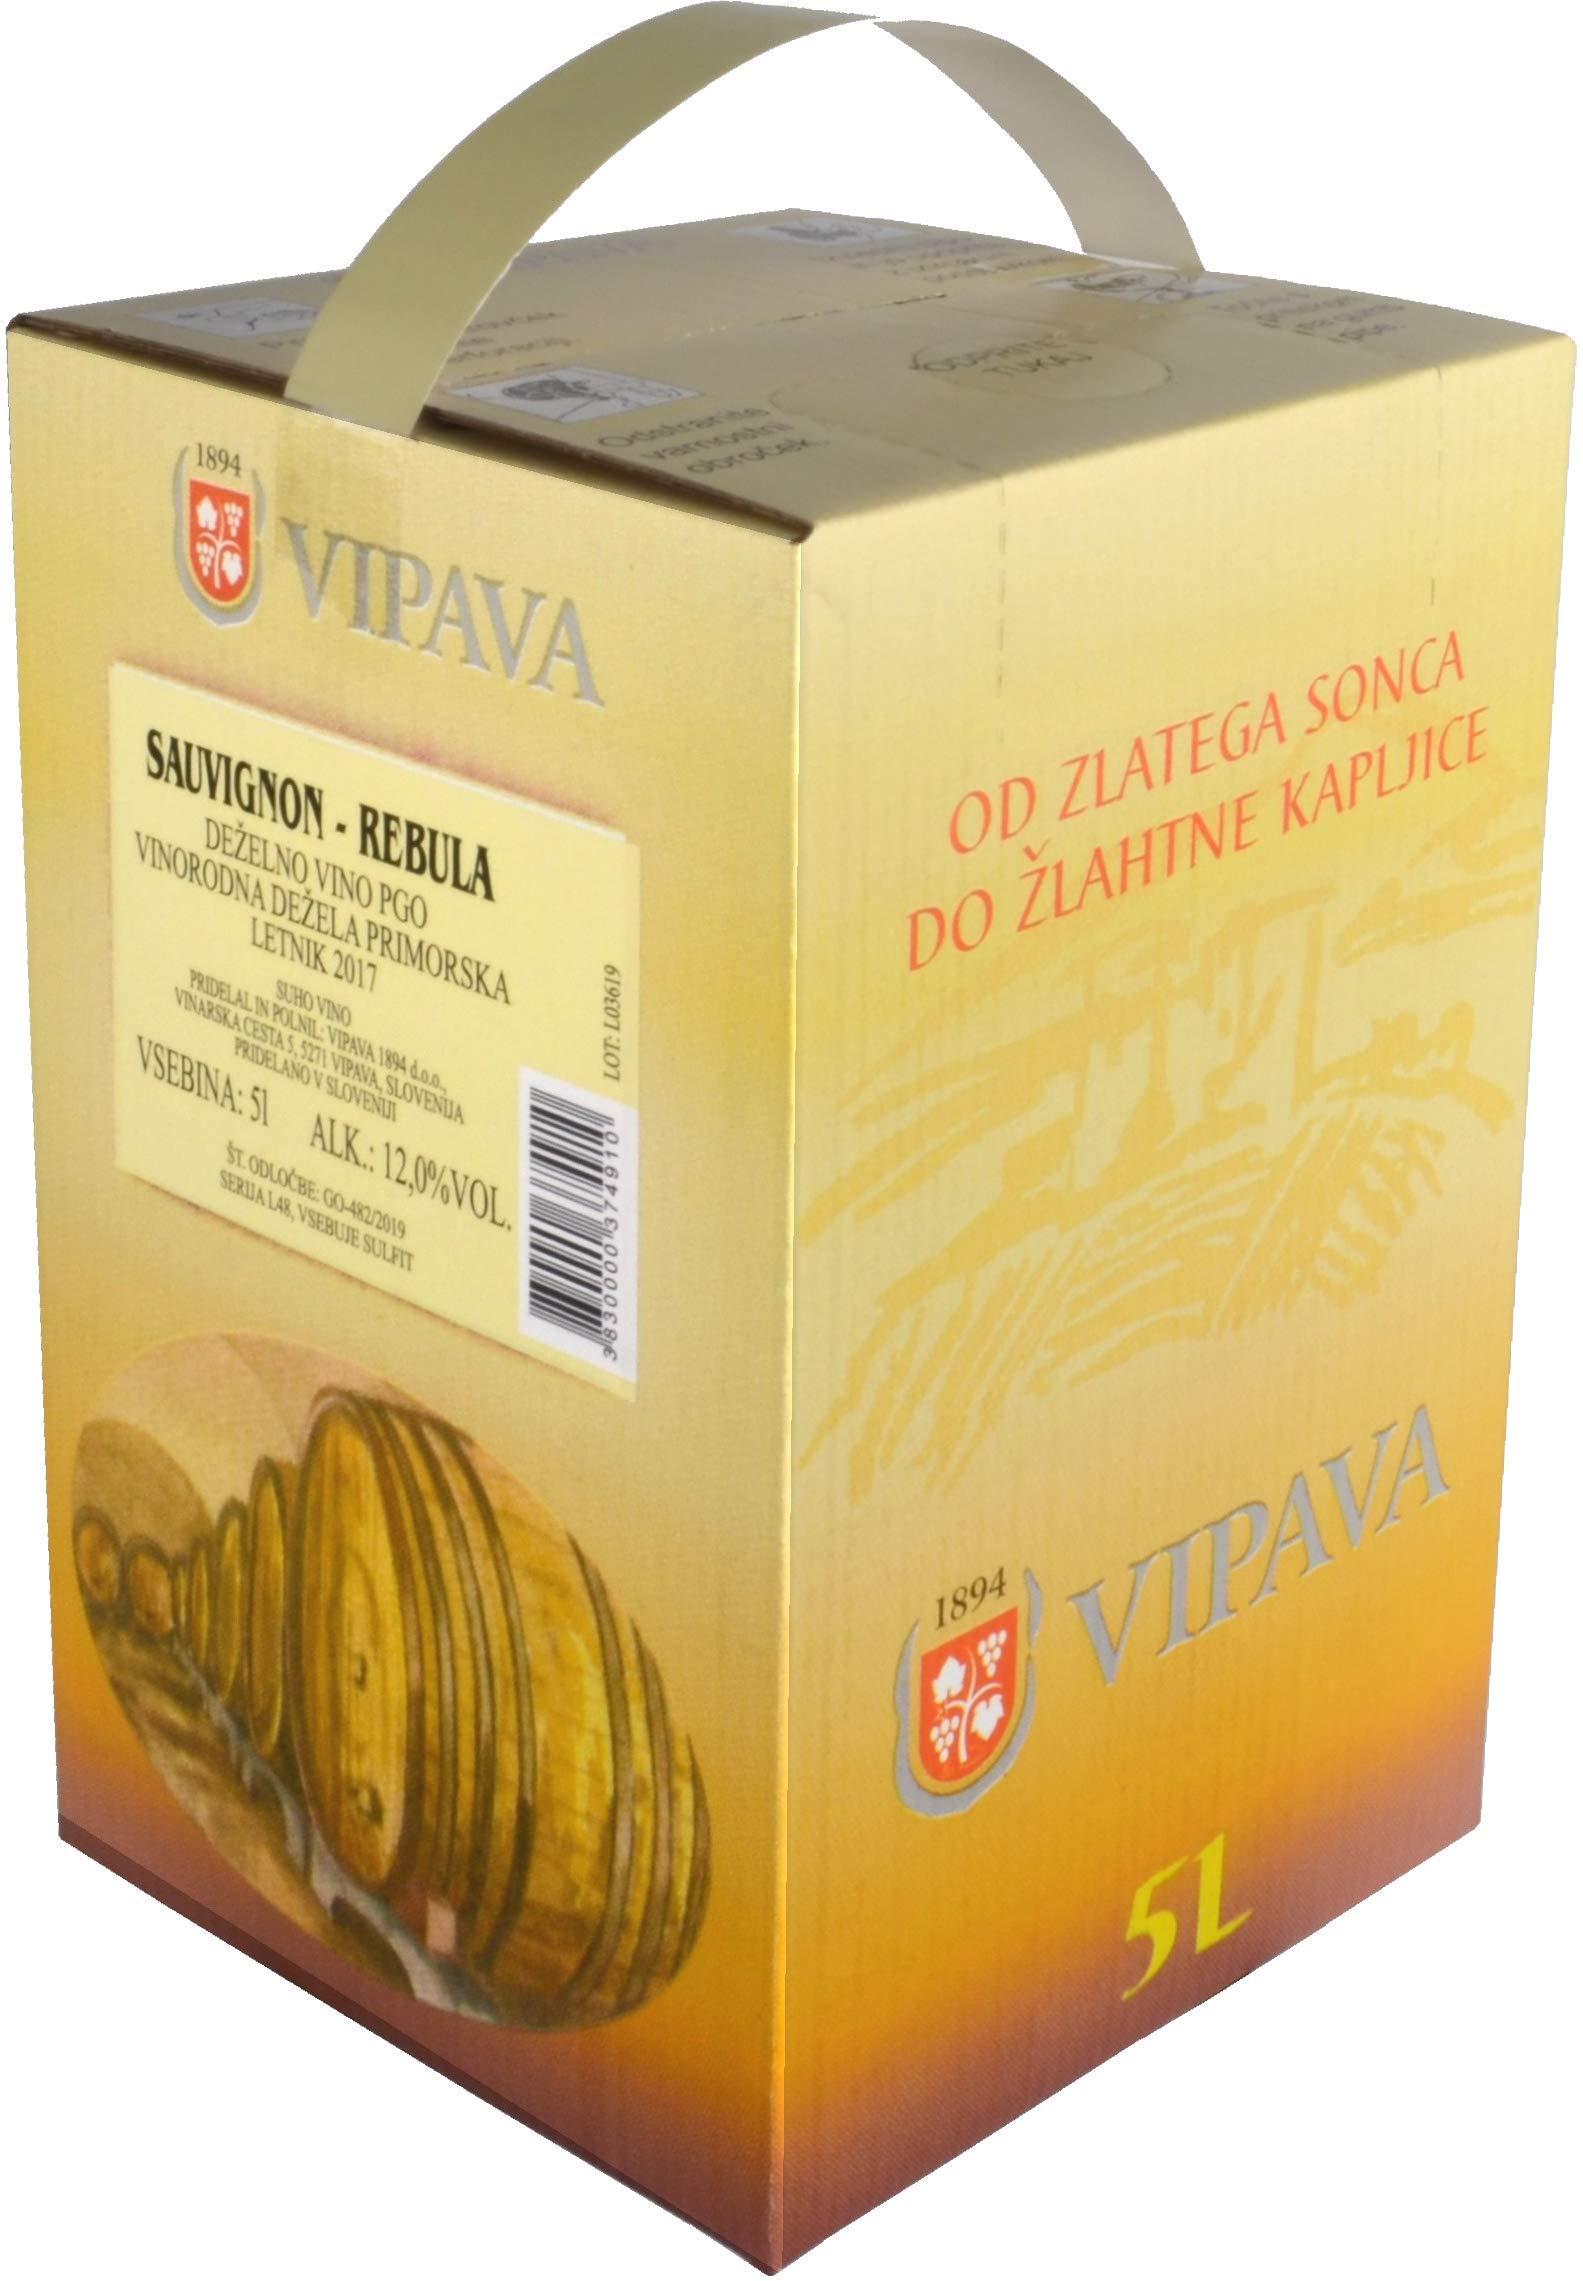 Vipava-1894-Weiwein-Bag-in-Box-5-Liter-Cuvee-wei–Sauvignon-Rebula-Weiwein-in-Box-5-Liter-5-l